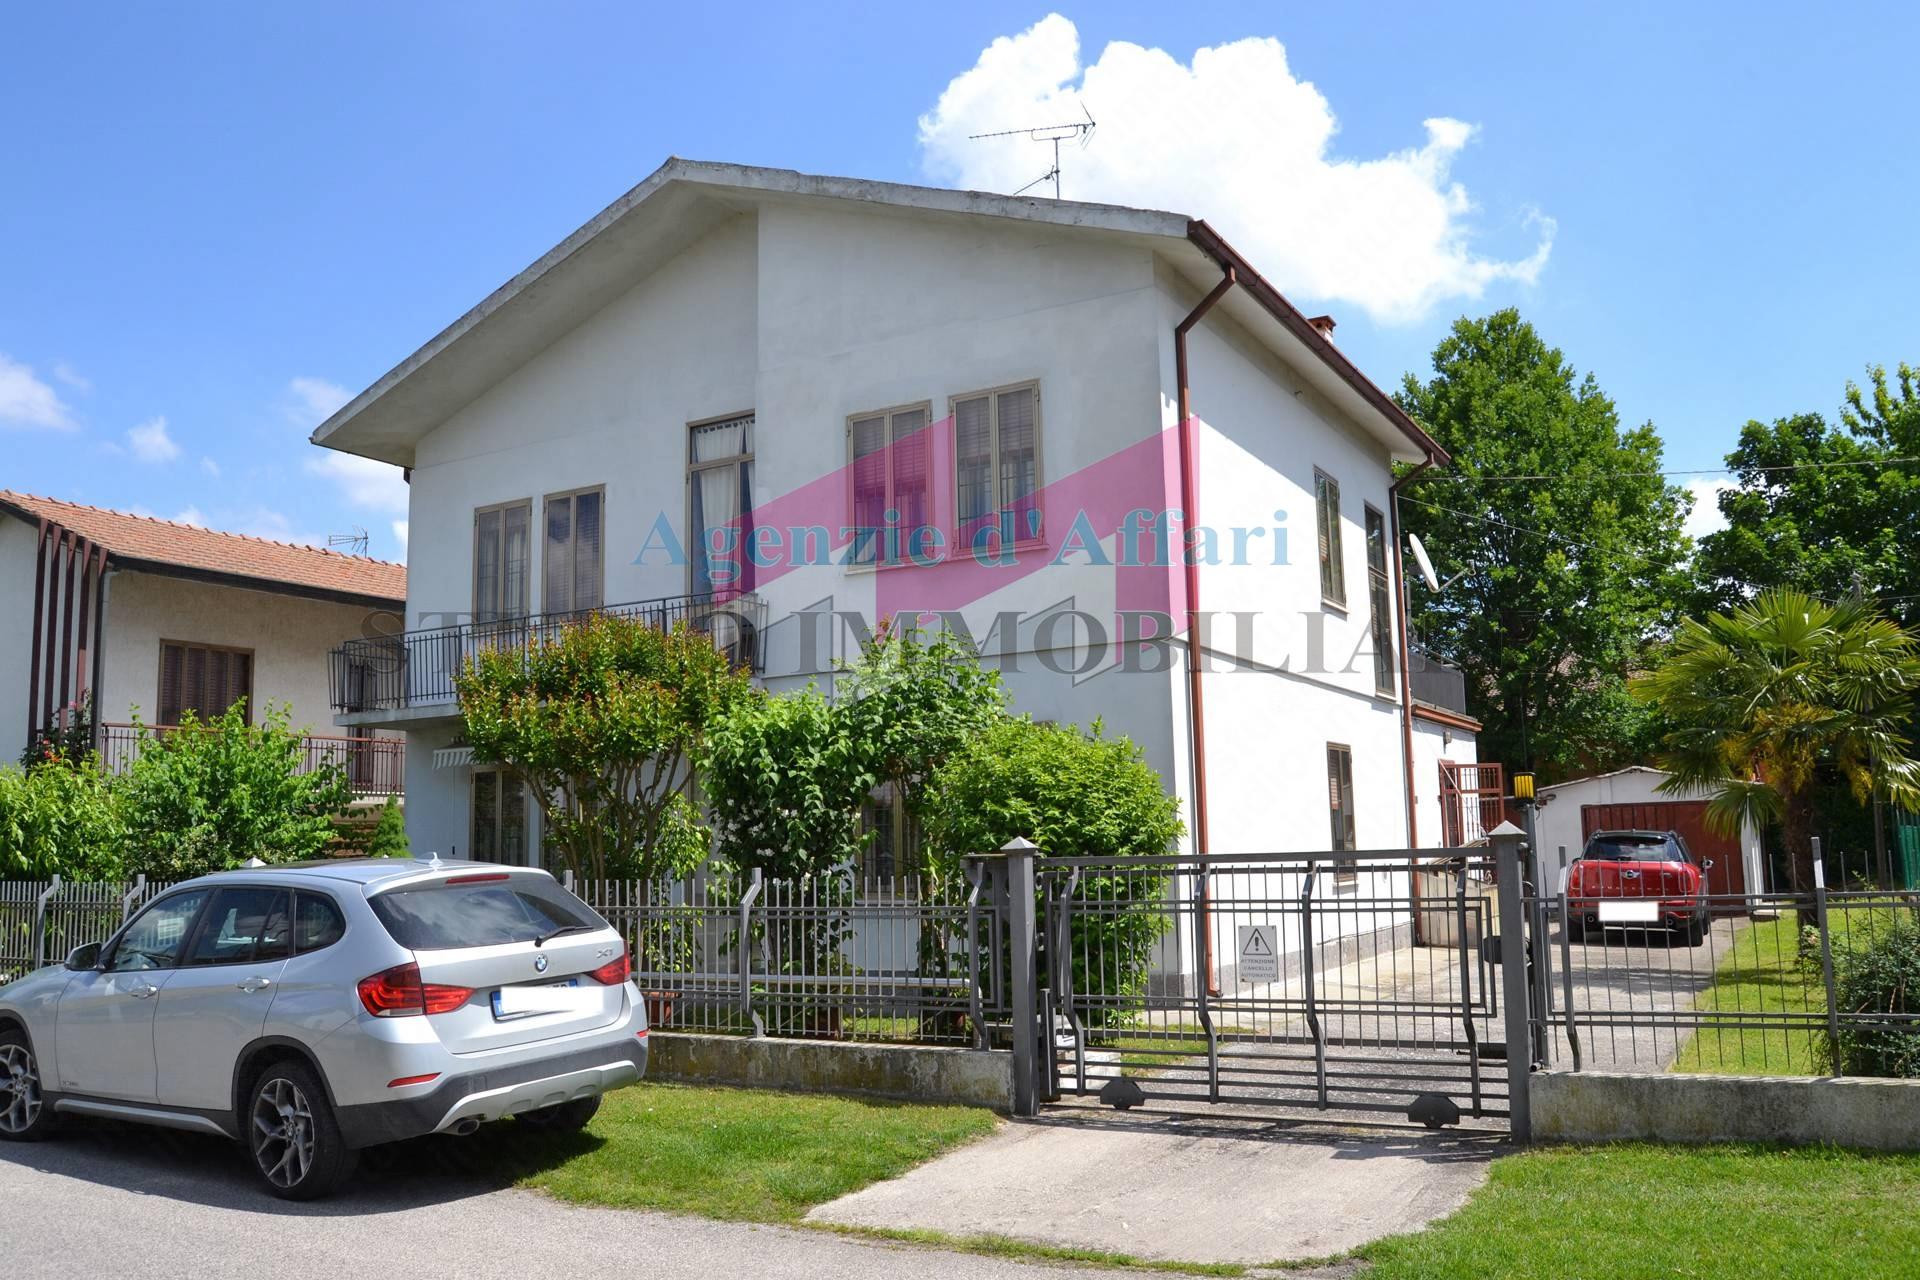 Casa singola in vendita a castelmassa cod 1655 c for Piani garage annessi con stanza bonus